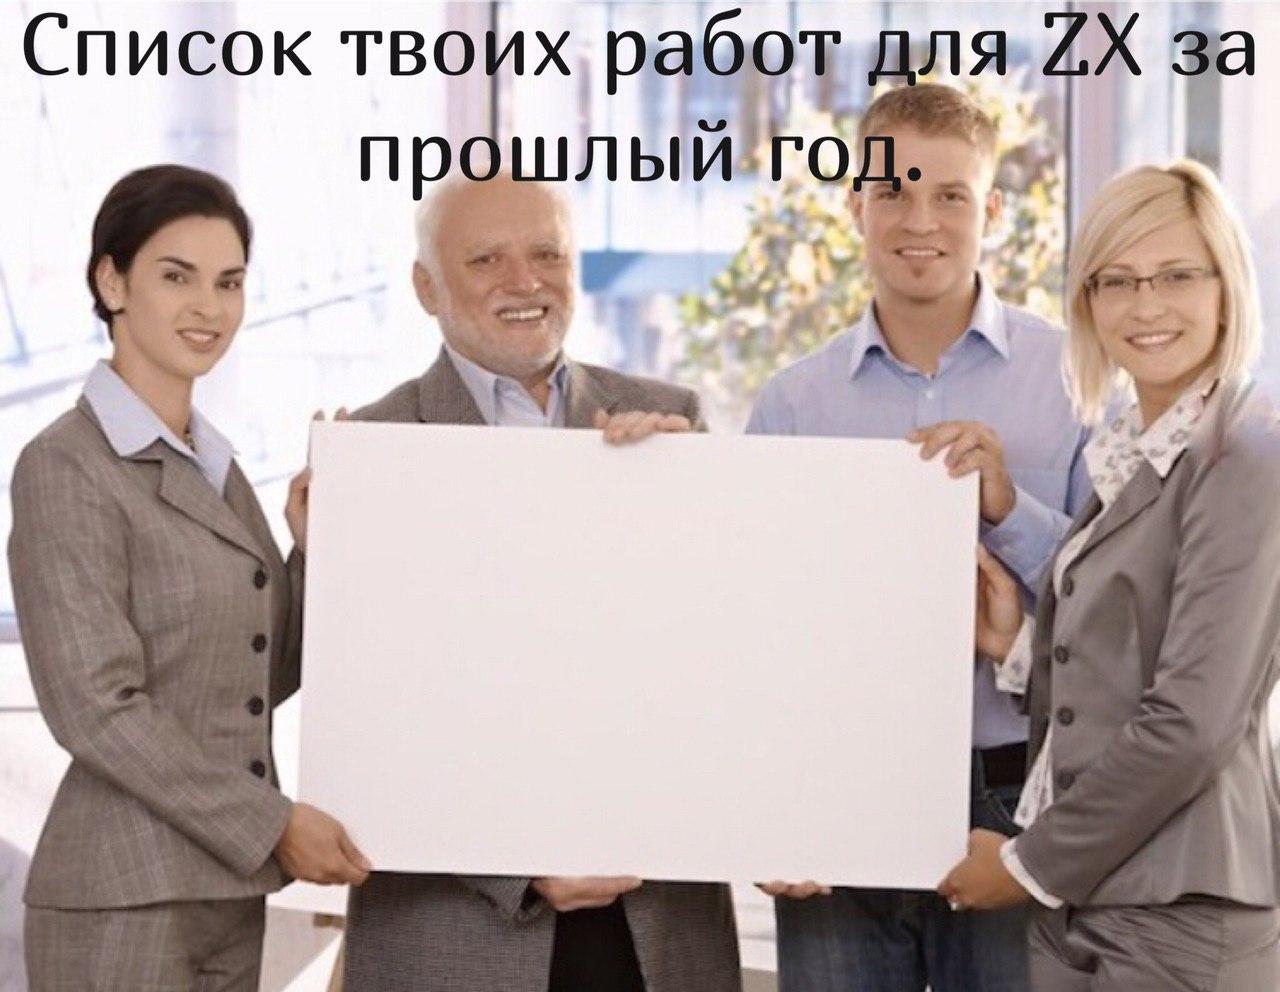 https://zxdemos.ru/uploads/images/2/4c41717e66f795c9c4dd372bb4186c02.jpg